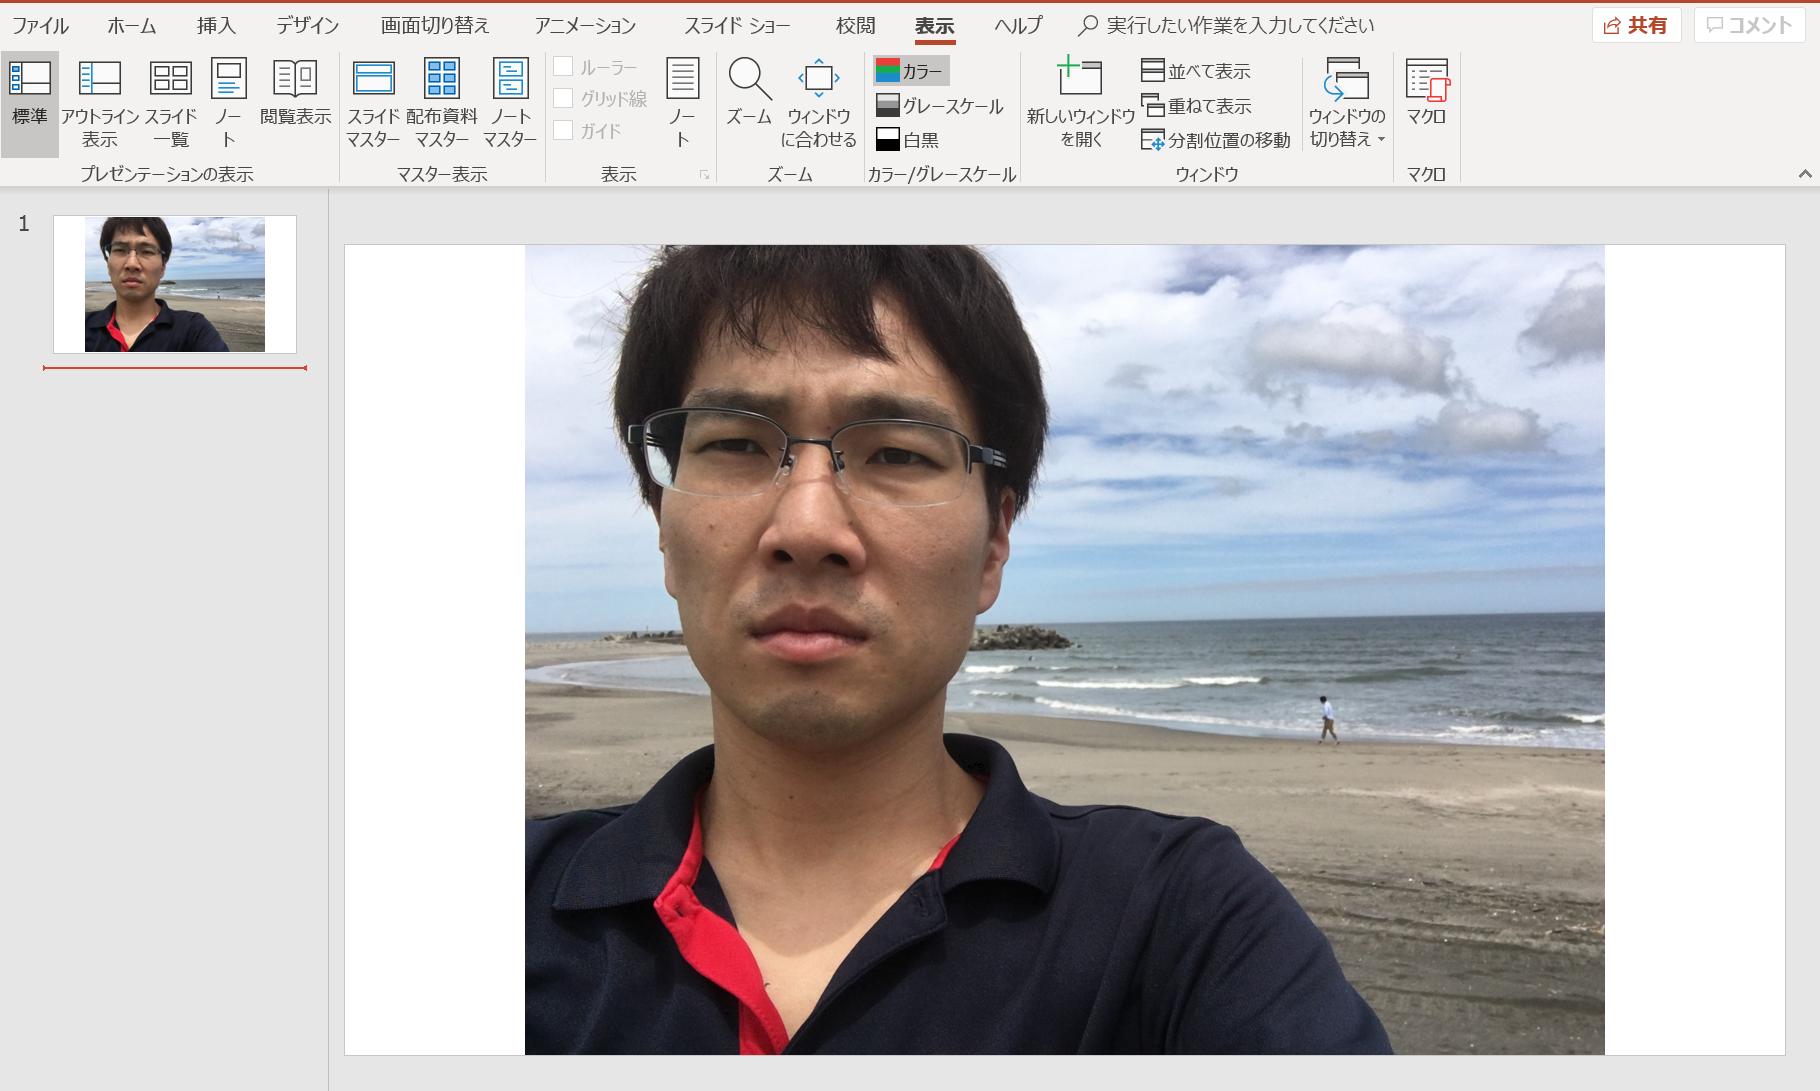 PowerPoint(パワポ)で写真にぼかしを入れる方法。一部にぼかしも可能。